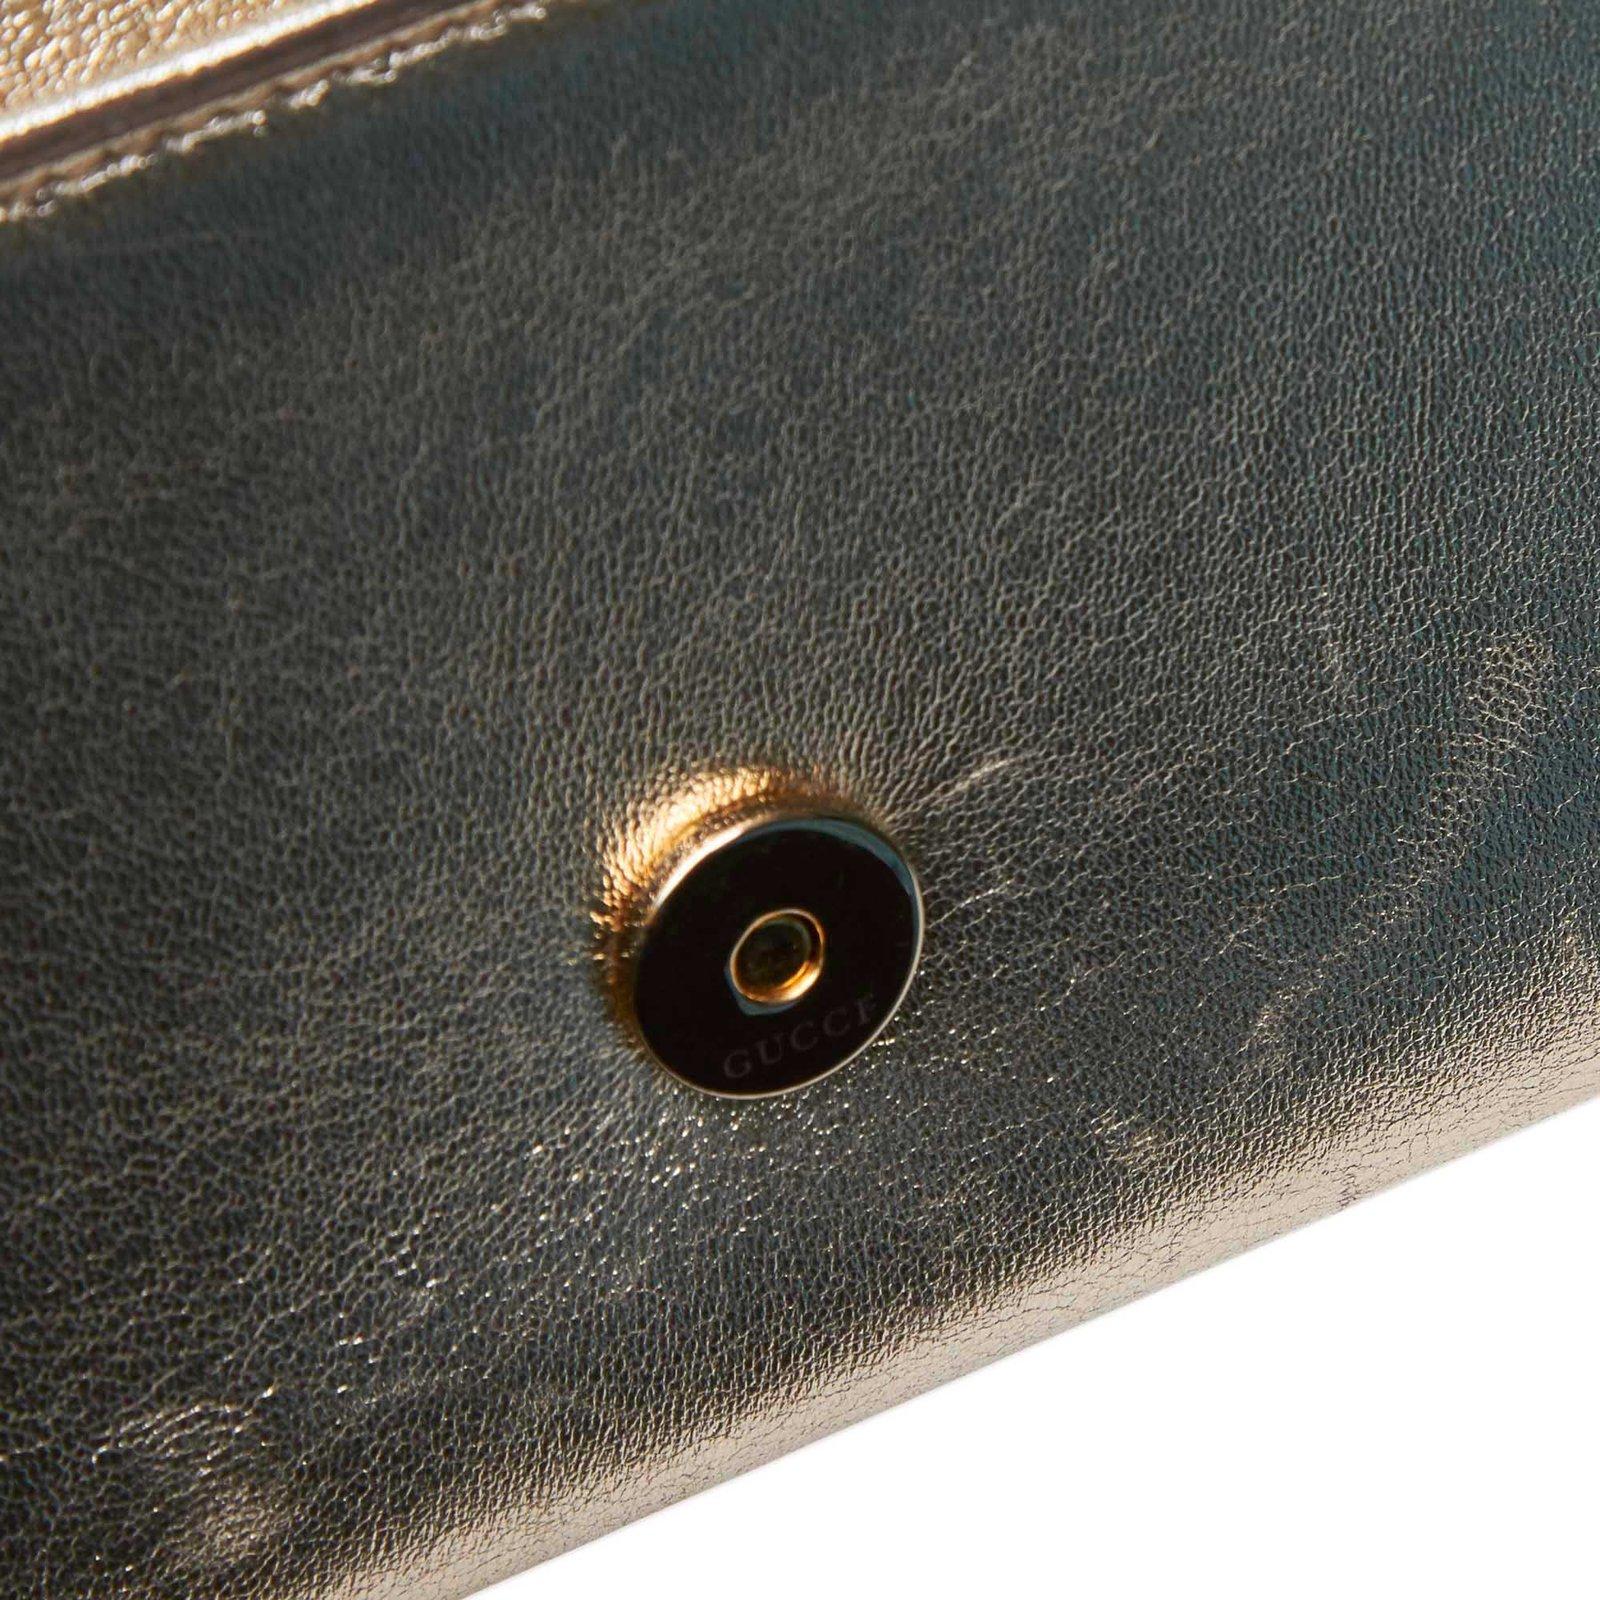 a8a66fc26af5e1 Gucci Metallic Leather Romy Clutch Bag Clutch bags Leather,Other Golden  ref.105852 - Joli Closet